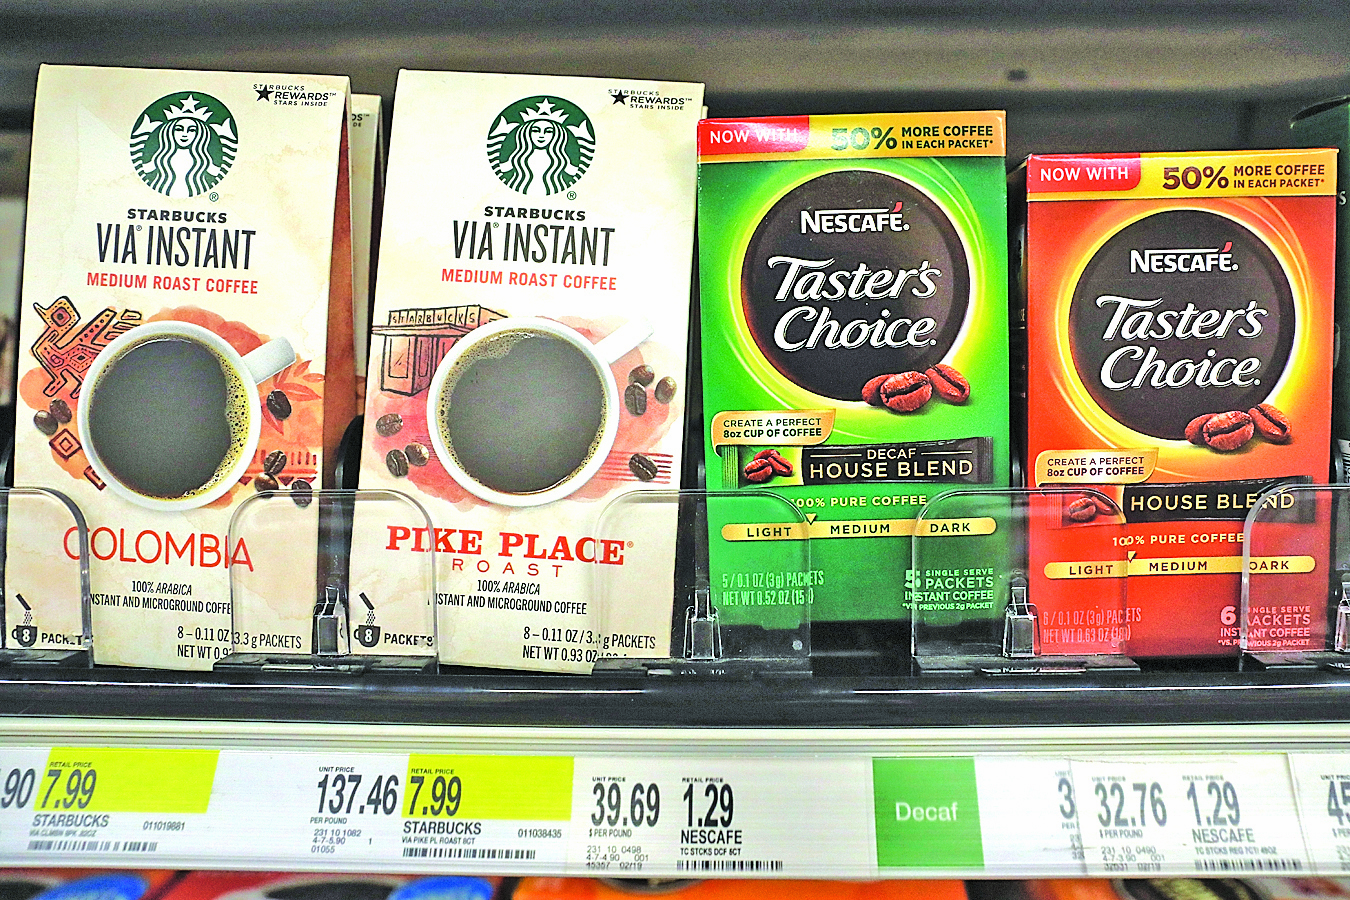 有分析稱,雀巢斥巨資結盟星巴克是因需要擴張美國市場,並有助雀巢鞏固其全球最大咖啡公司的地位。(AFP)